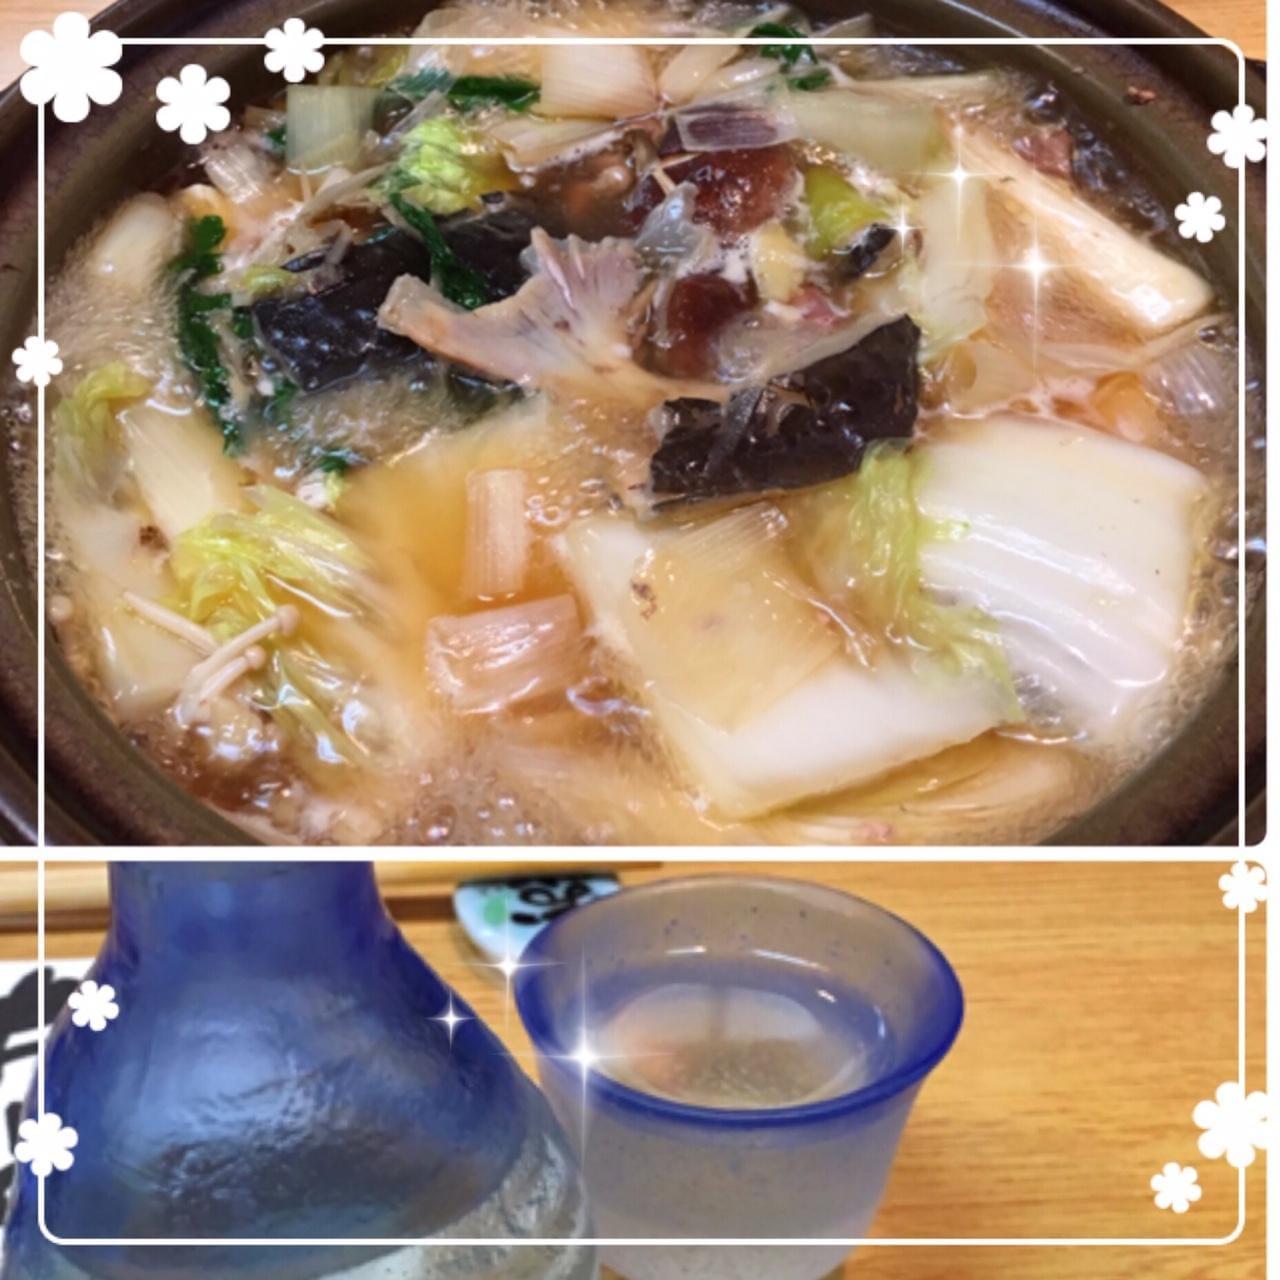 「何のお鍋でしょう?」12/08(12/08) 10:29 | さくらこの写メ・風俗動画